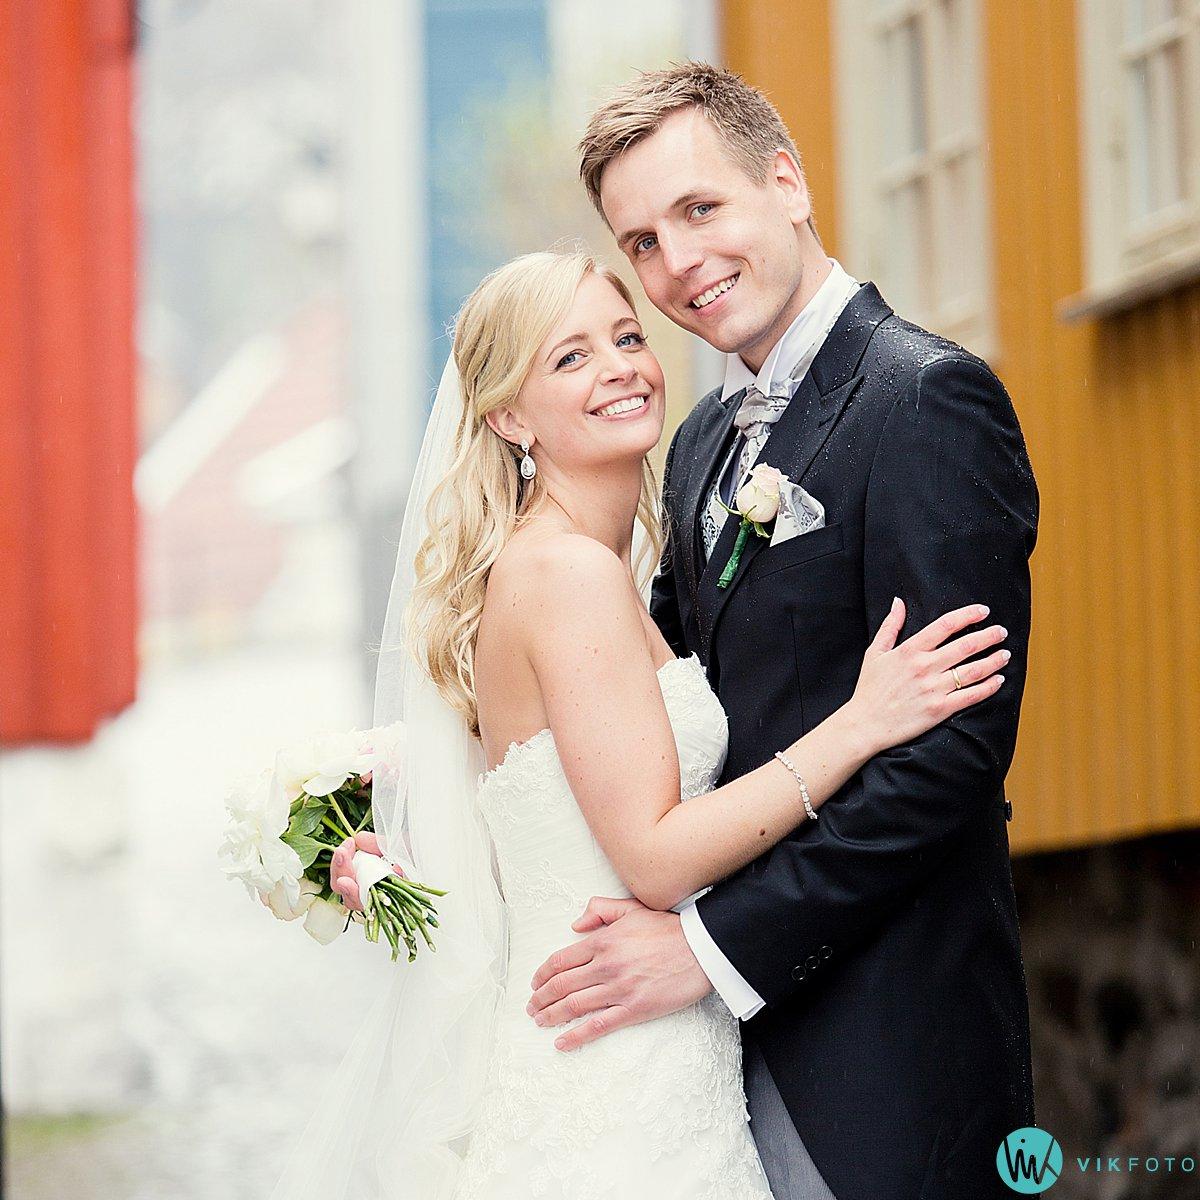 39-bryllupsbilde-brudepar-regn-paraply-støvler